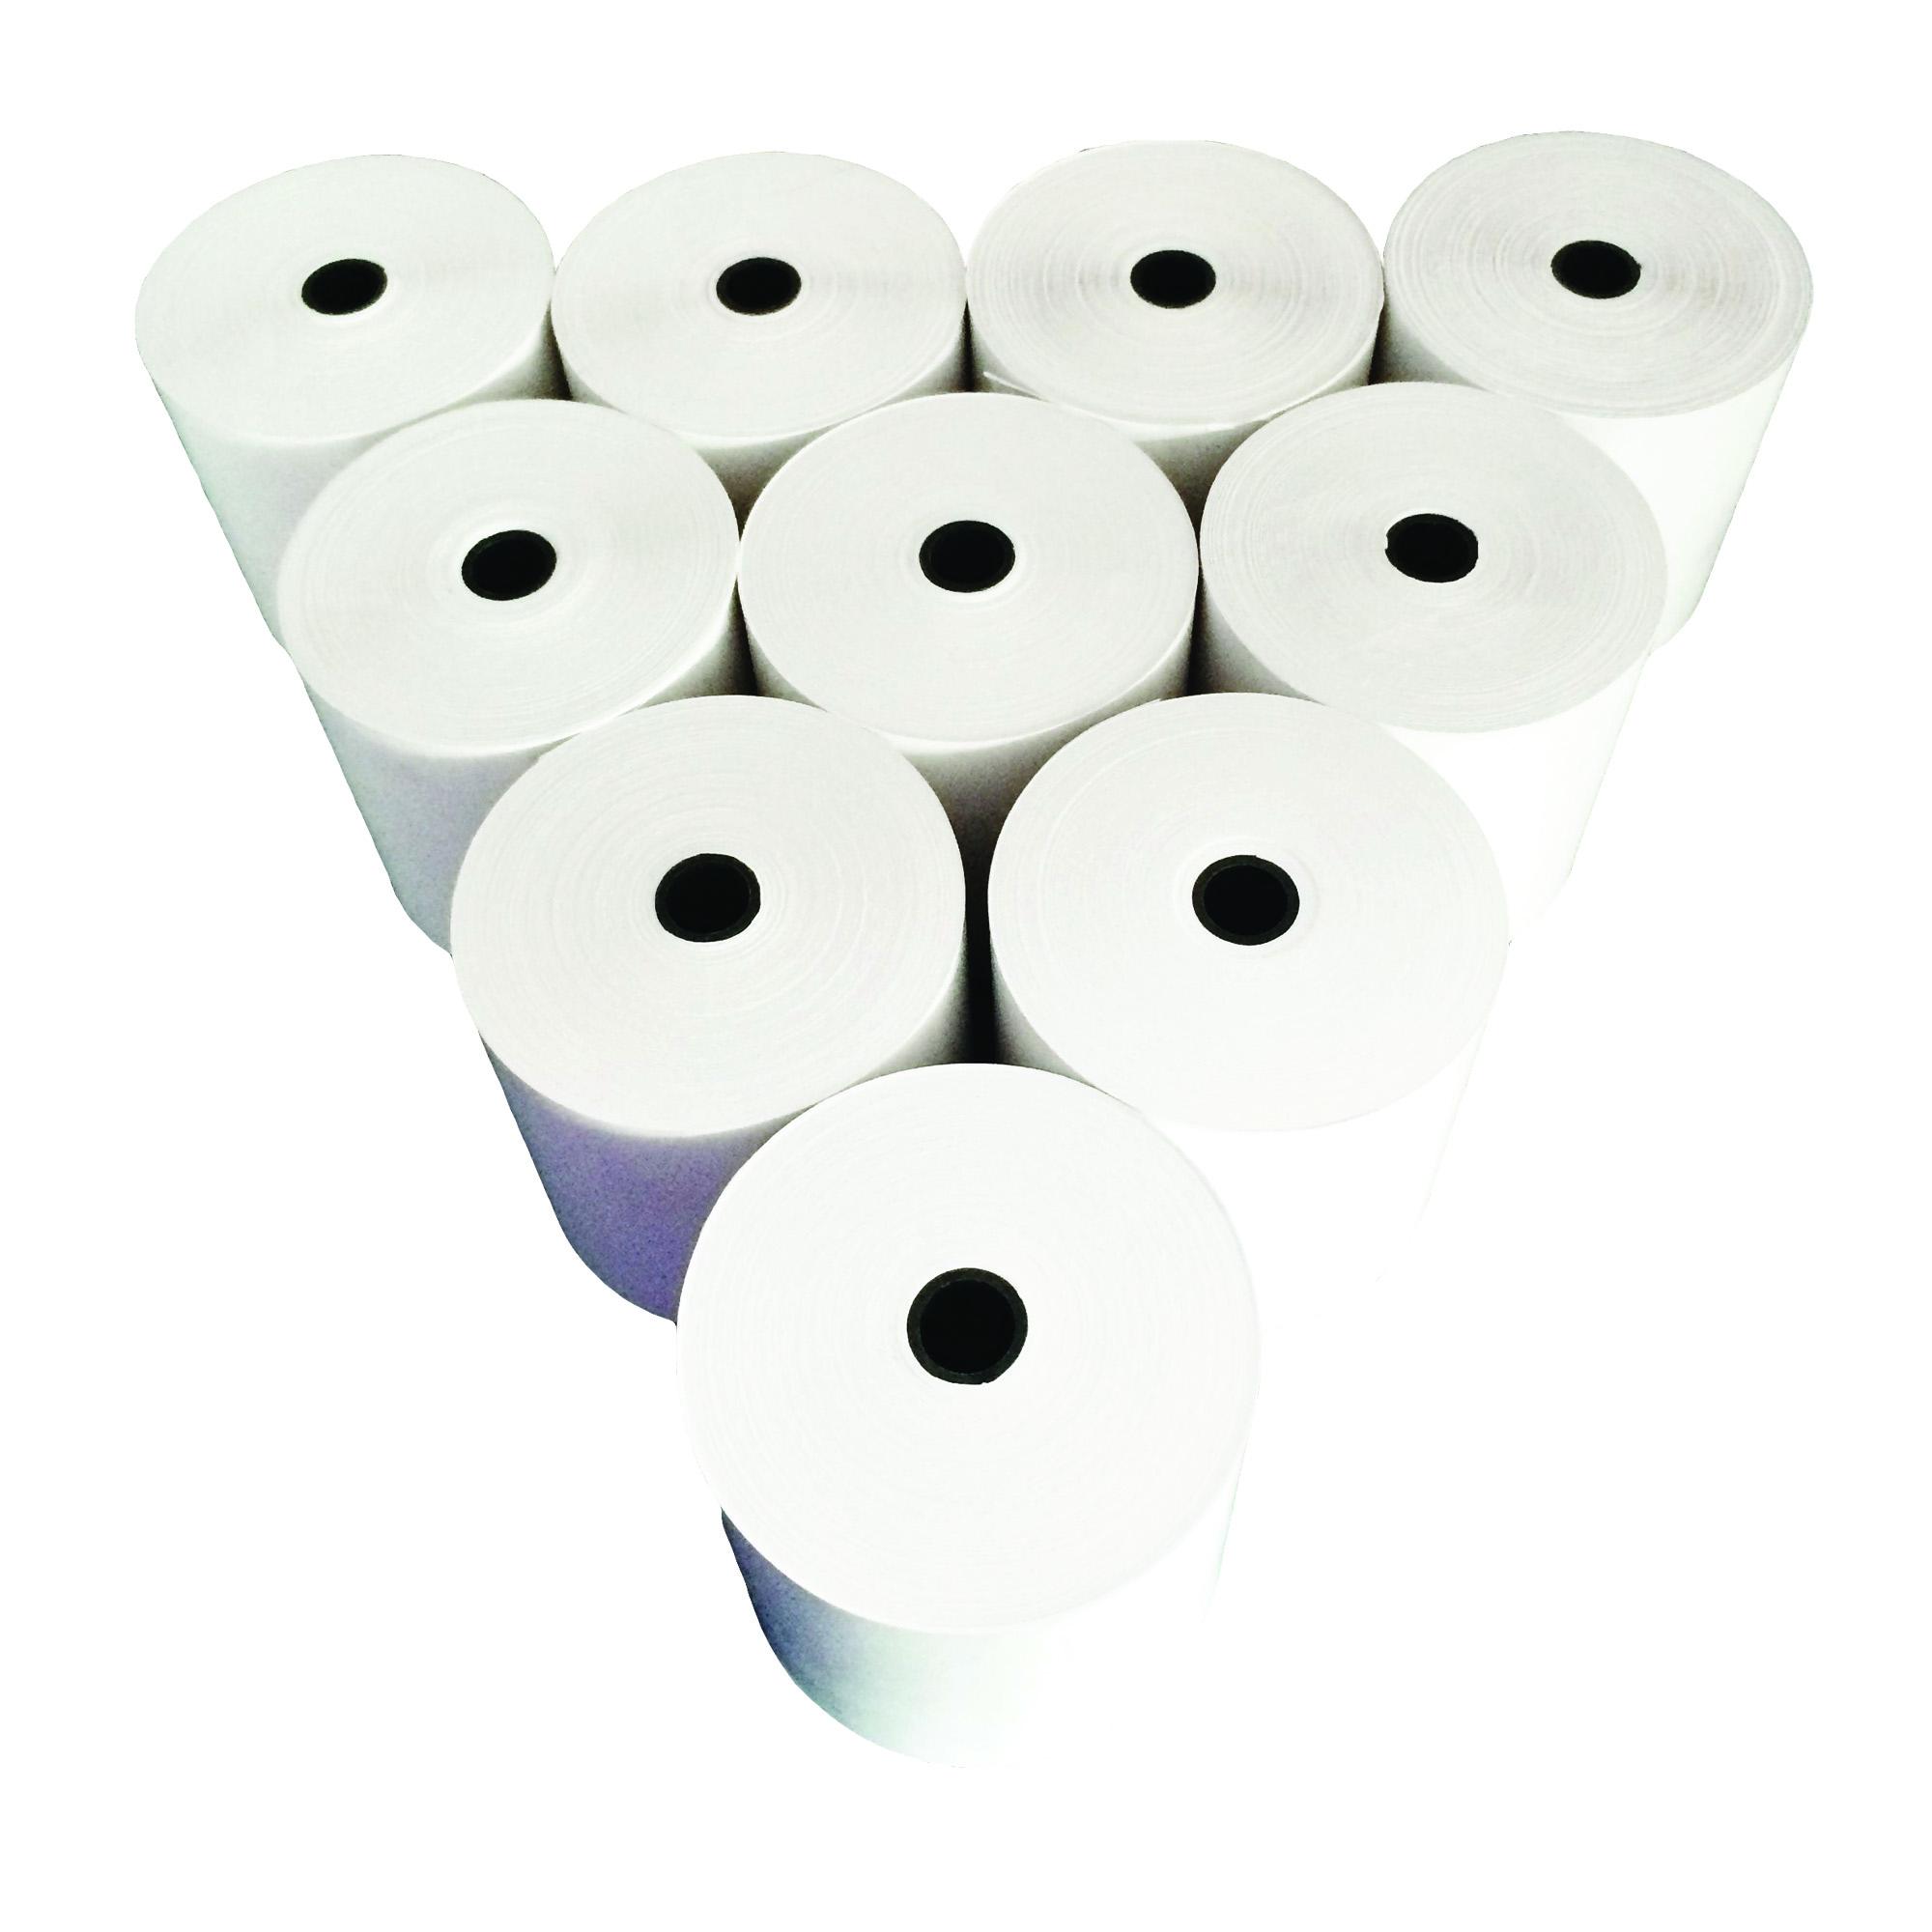 กระดาษพิมพ์ใบเสร็จ (Thermal Paper 80x80 mm) 10 ม้วน